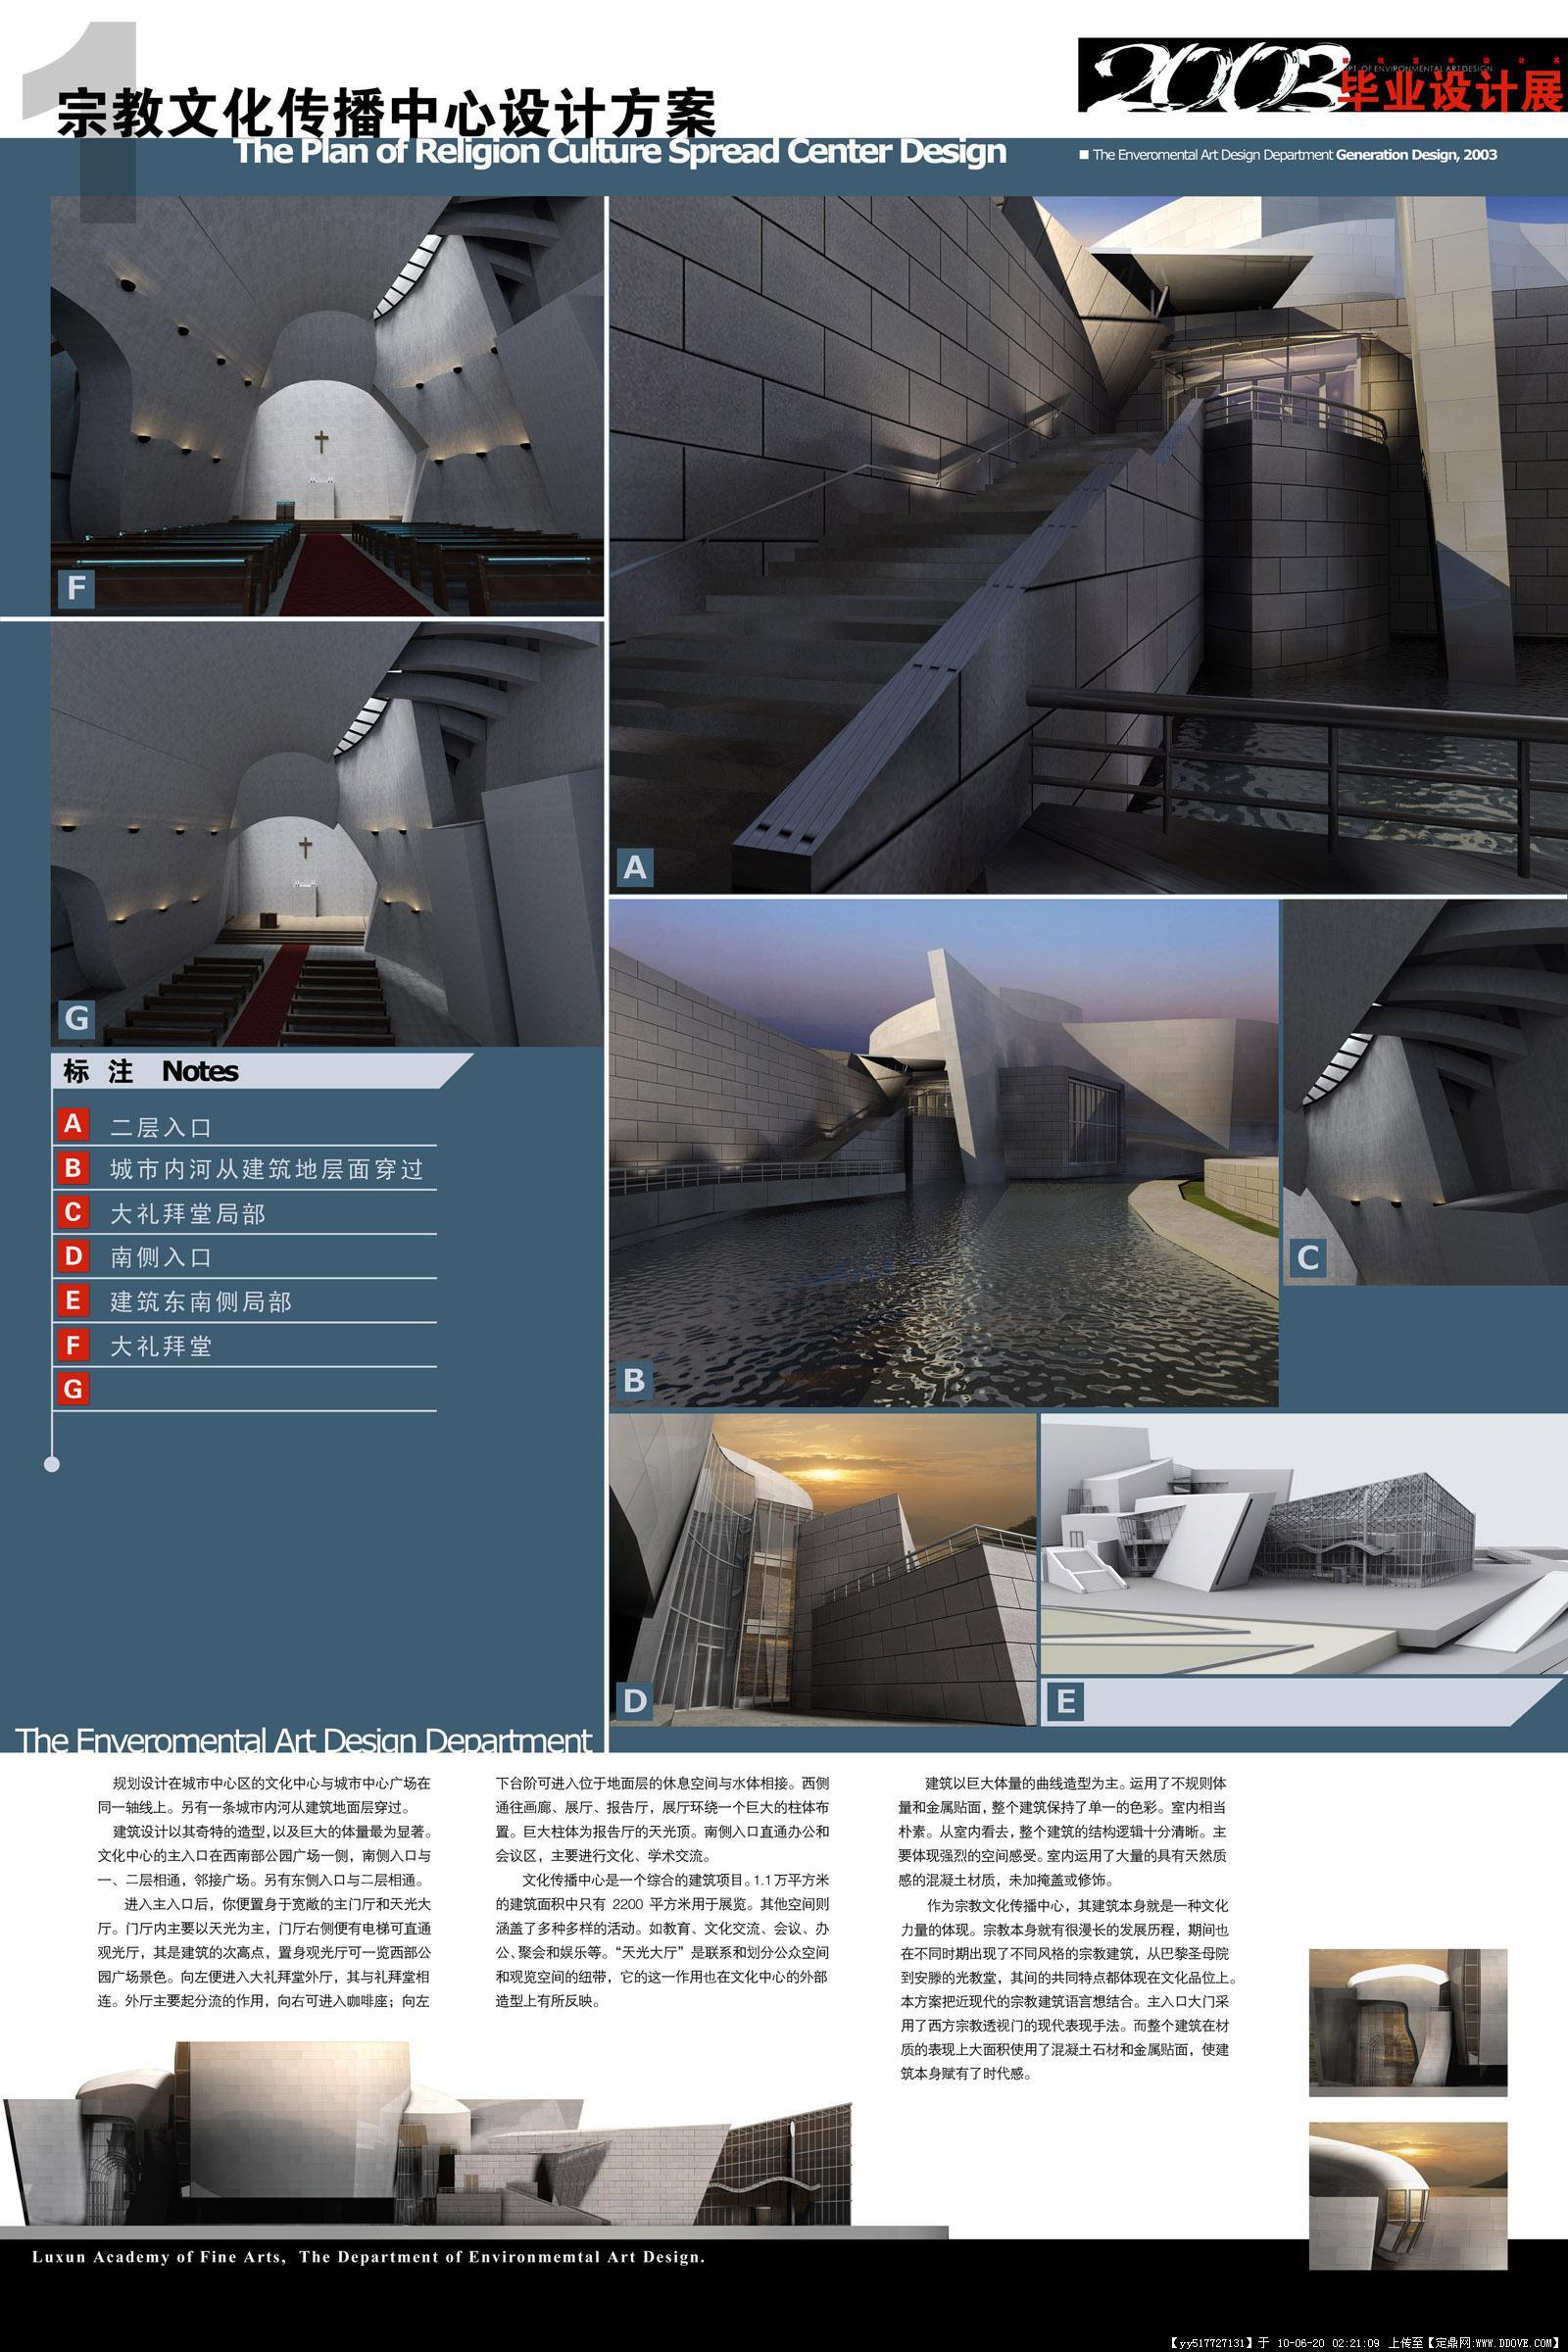 高校建设设计方案-毕业设计展板10张-大图的图片浏览